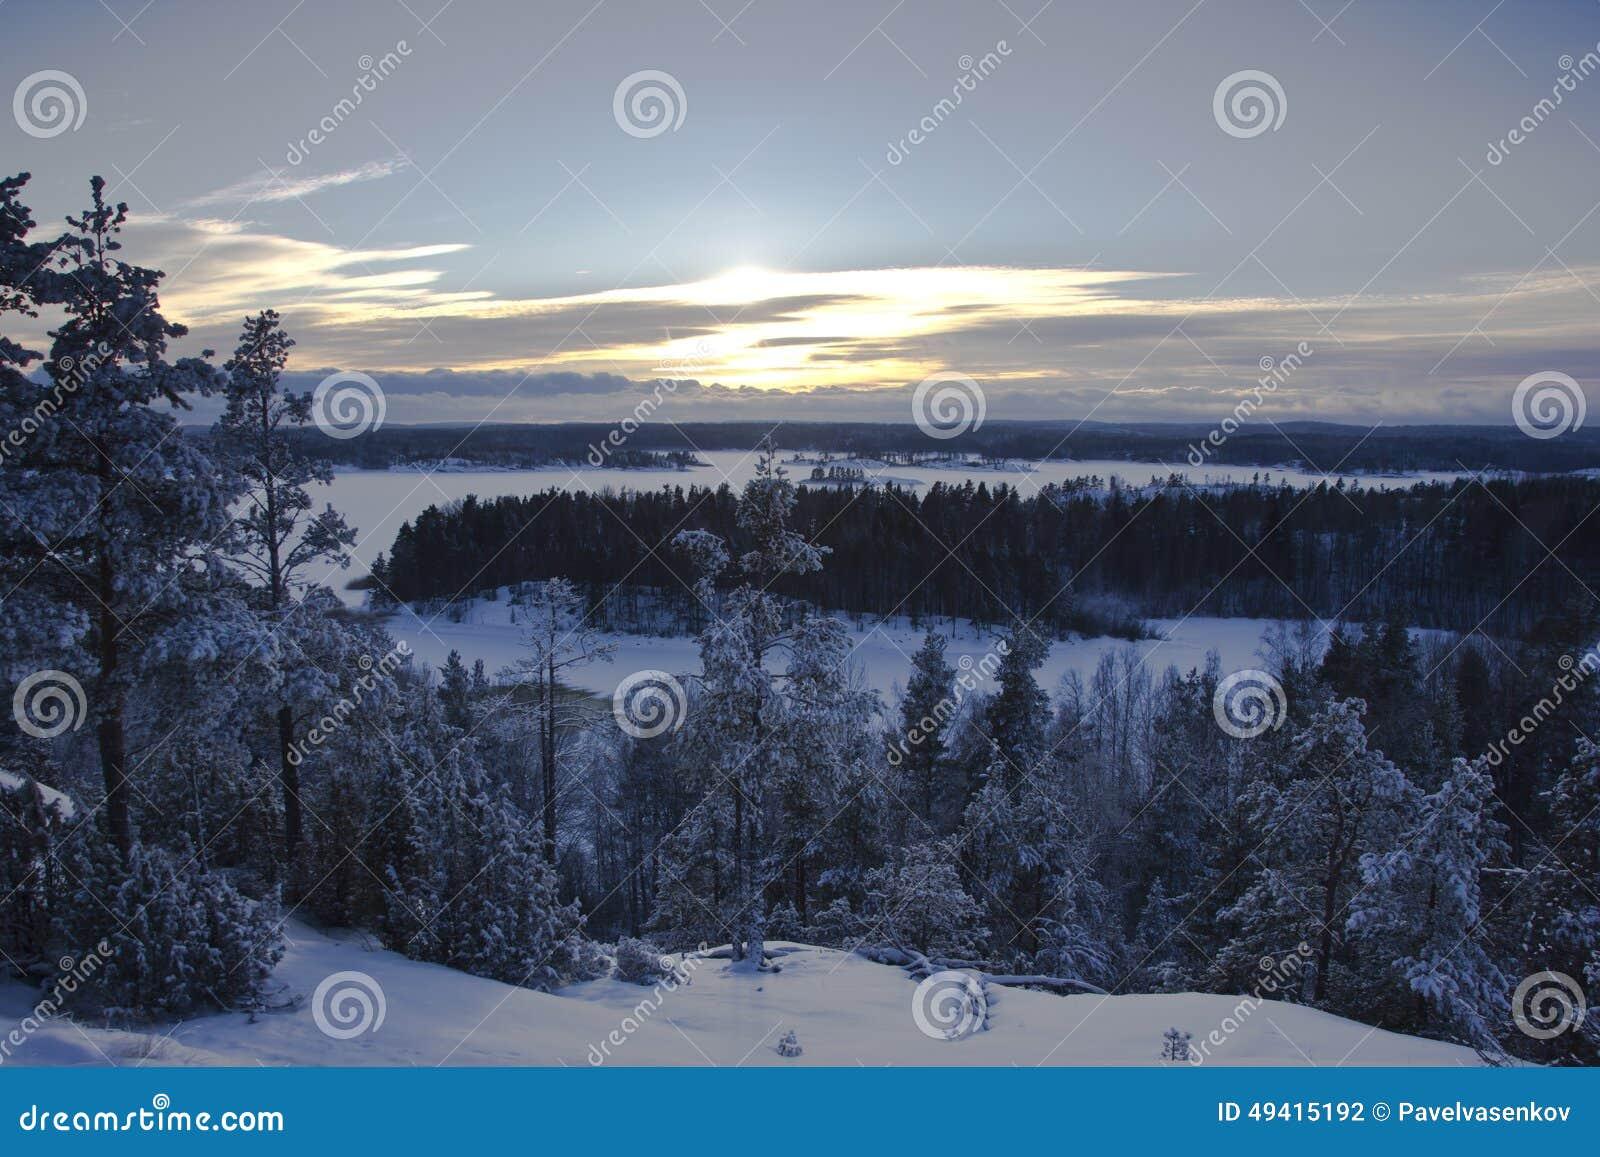 Download Der Ladogasee, Karelien, Russland Stockfoto - Bild von sonnenuntergang, senke: 49415192